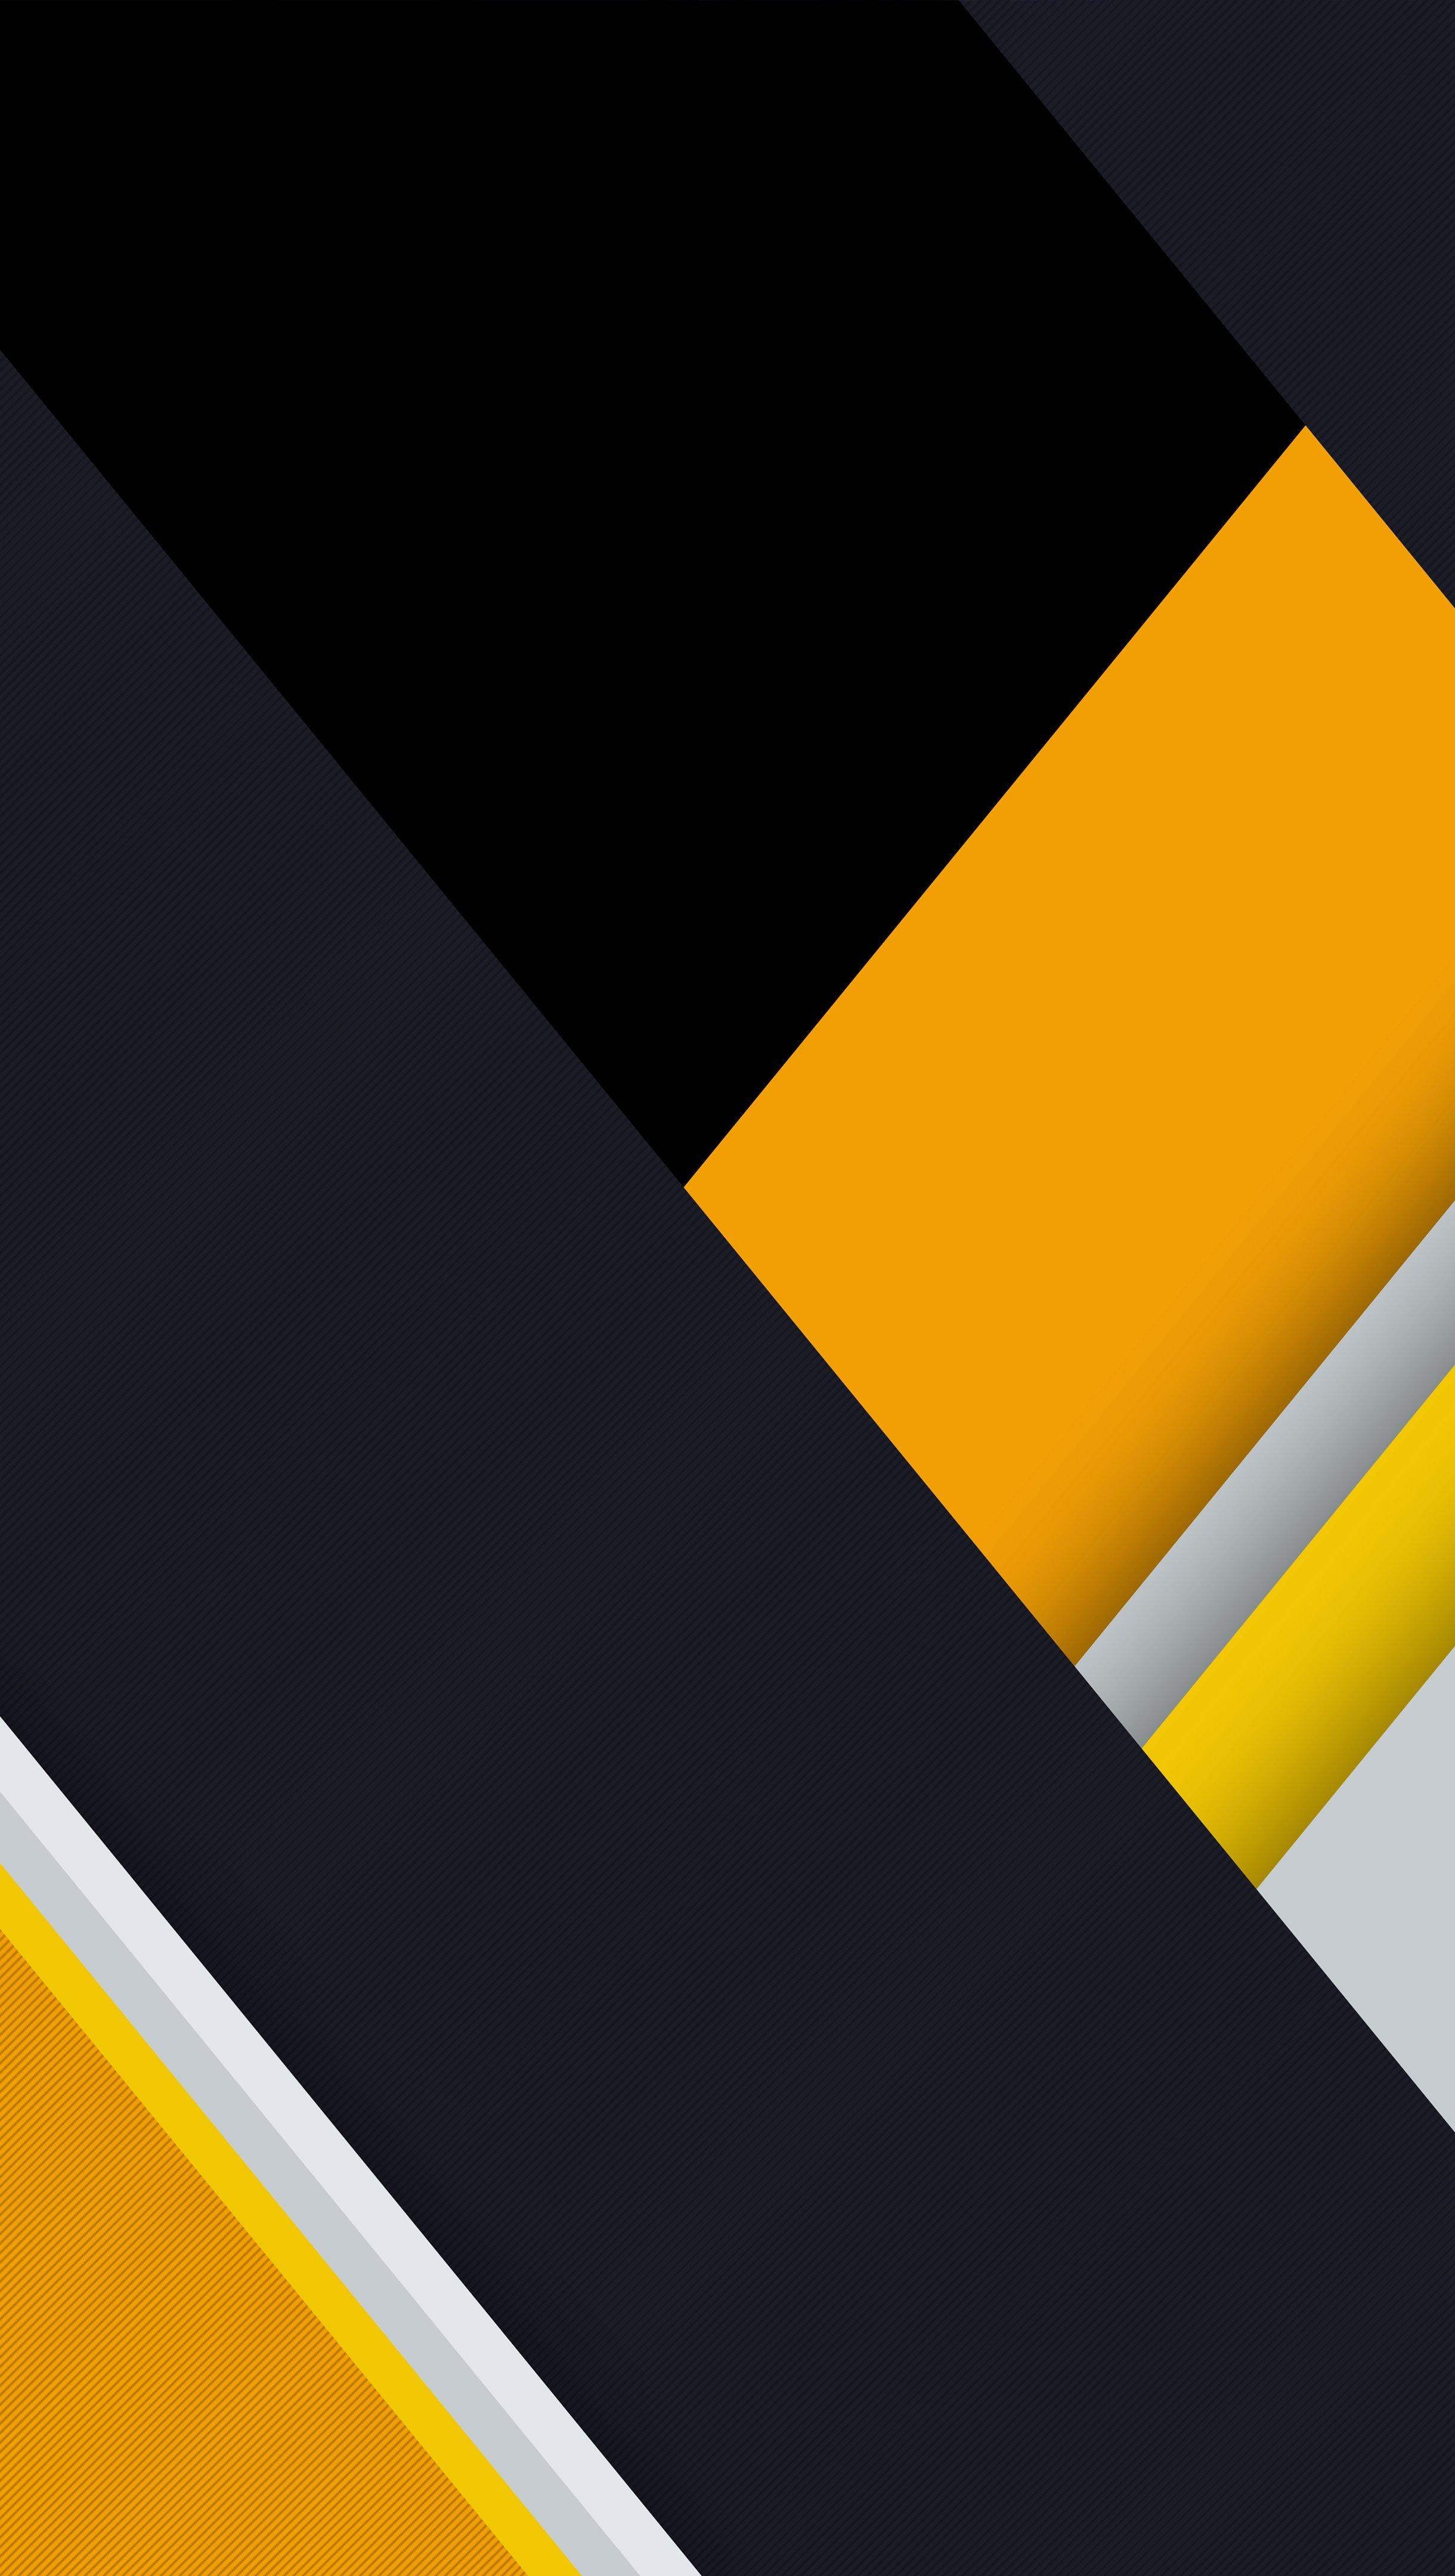 Fondos de pantalla Diseño de amarillo, negro y gris Vertical